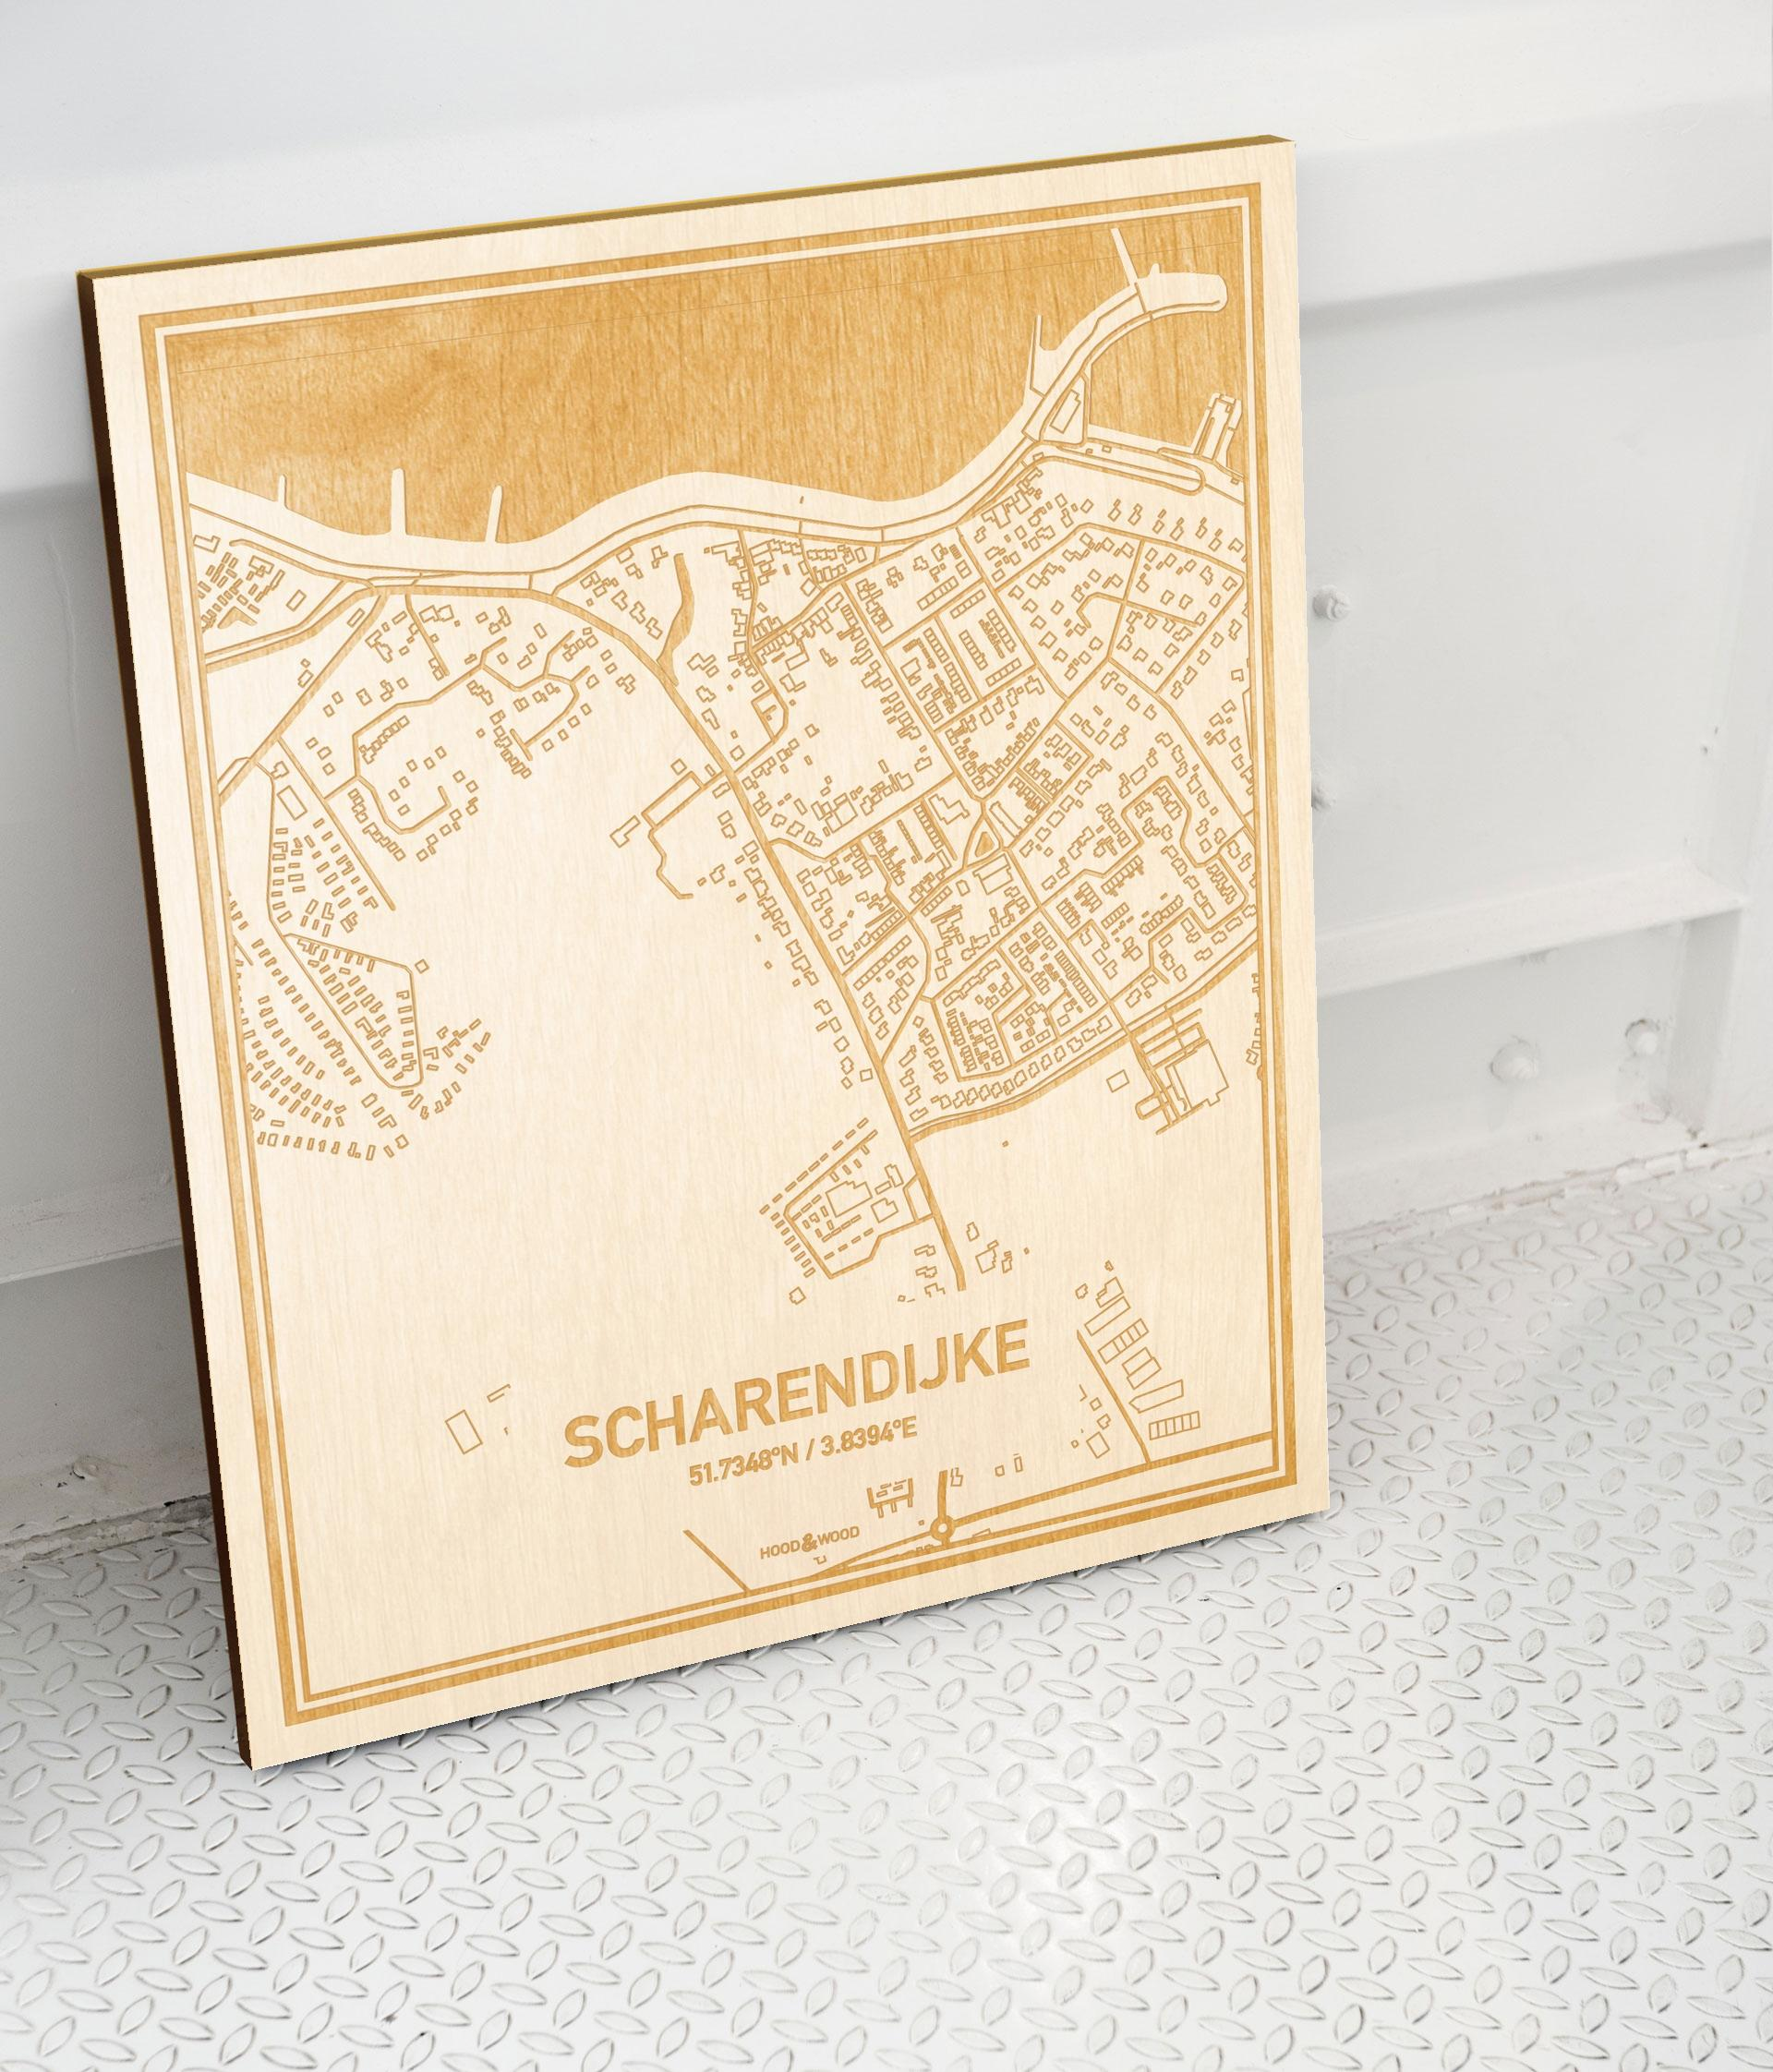 Plattegrond Scharendijke als prachtige houten wanddecoratie. Het warme hout contrasteert mooi met de witte muur.